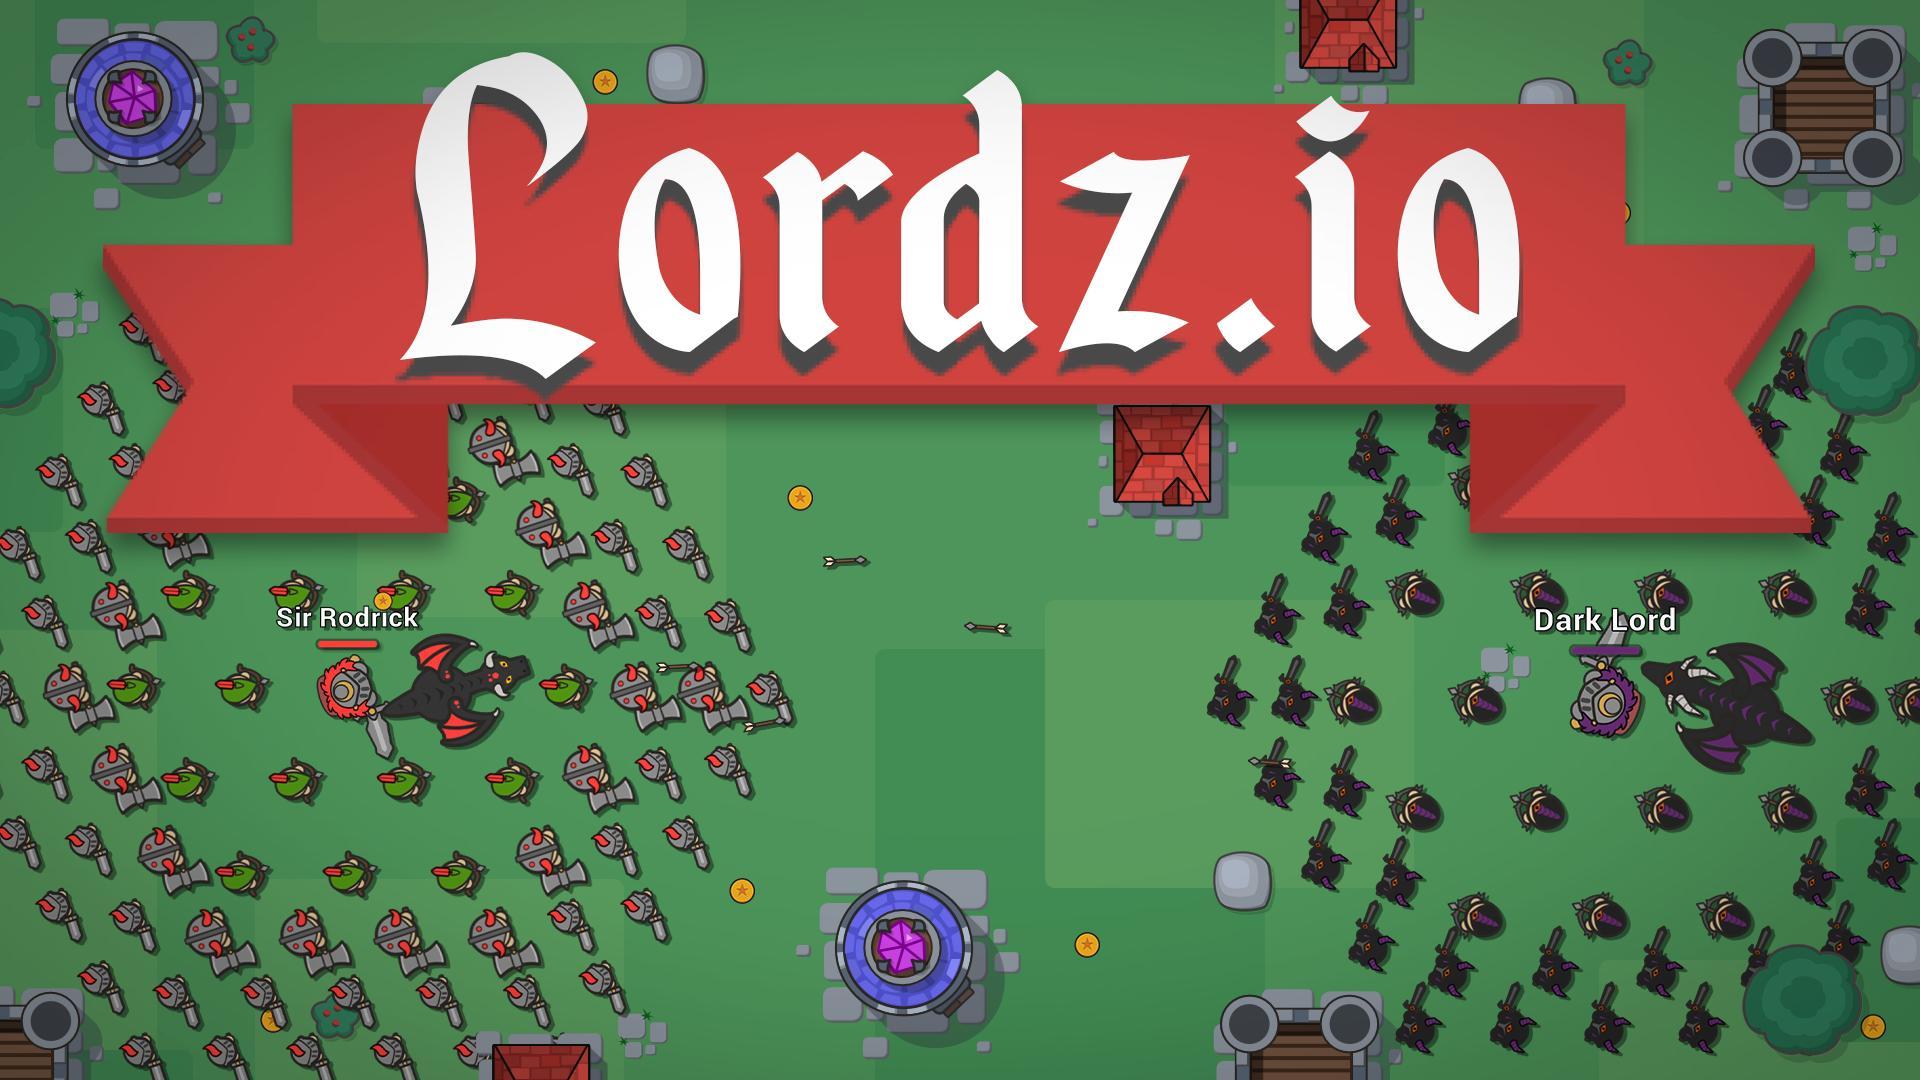 Lordz io screen 0